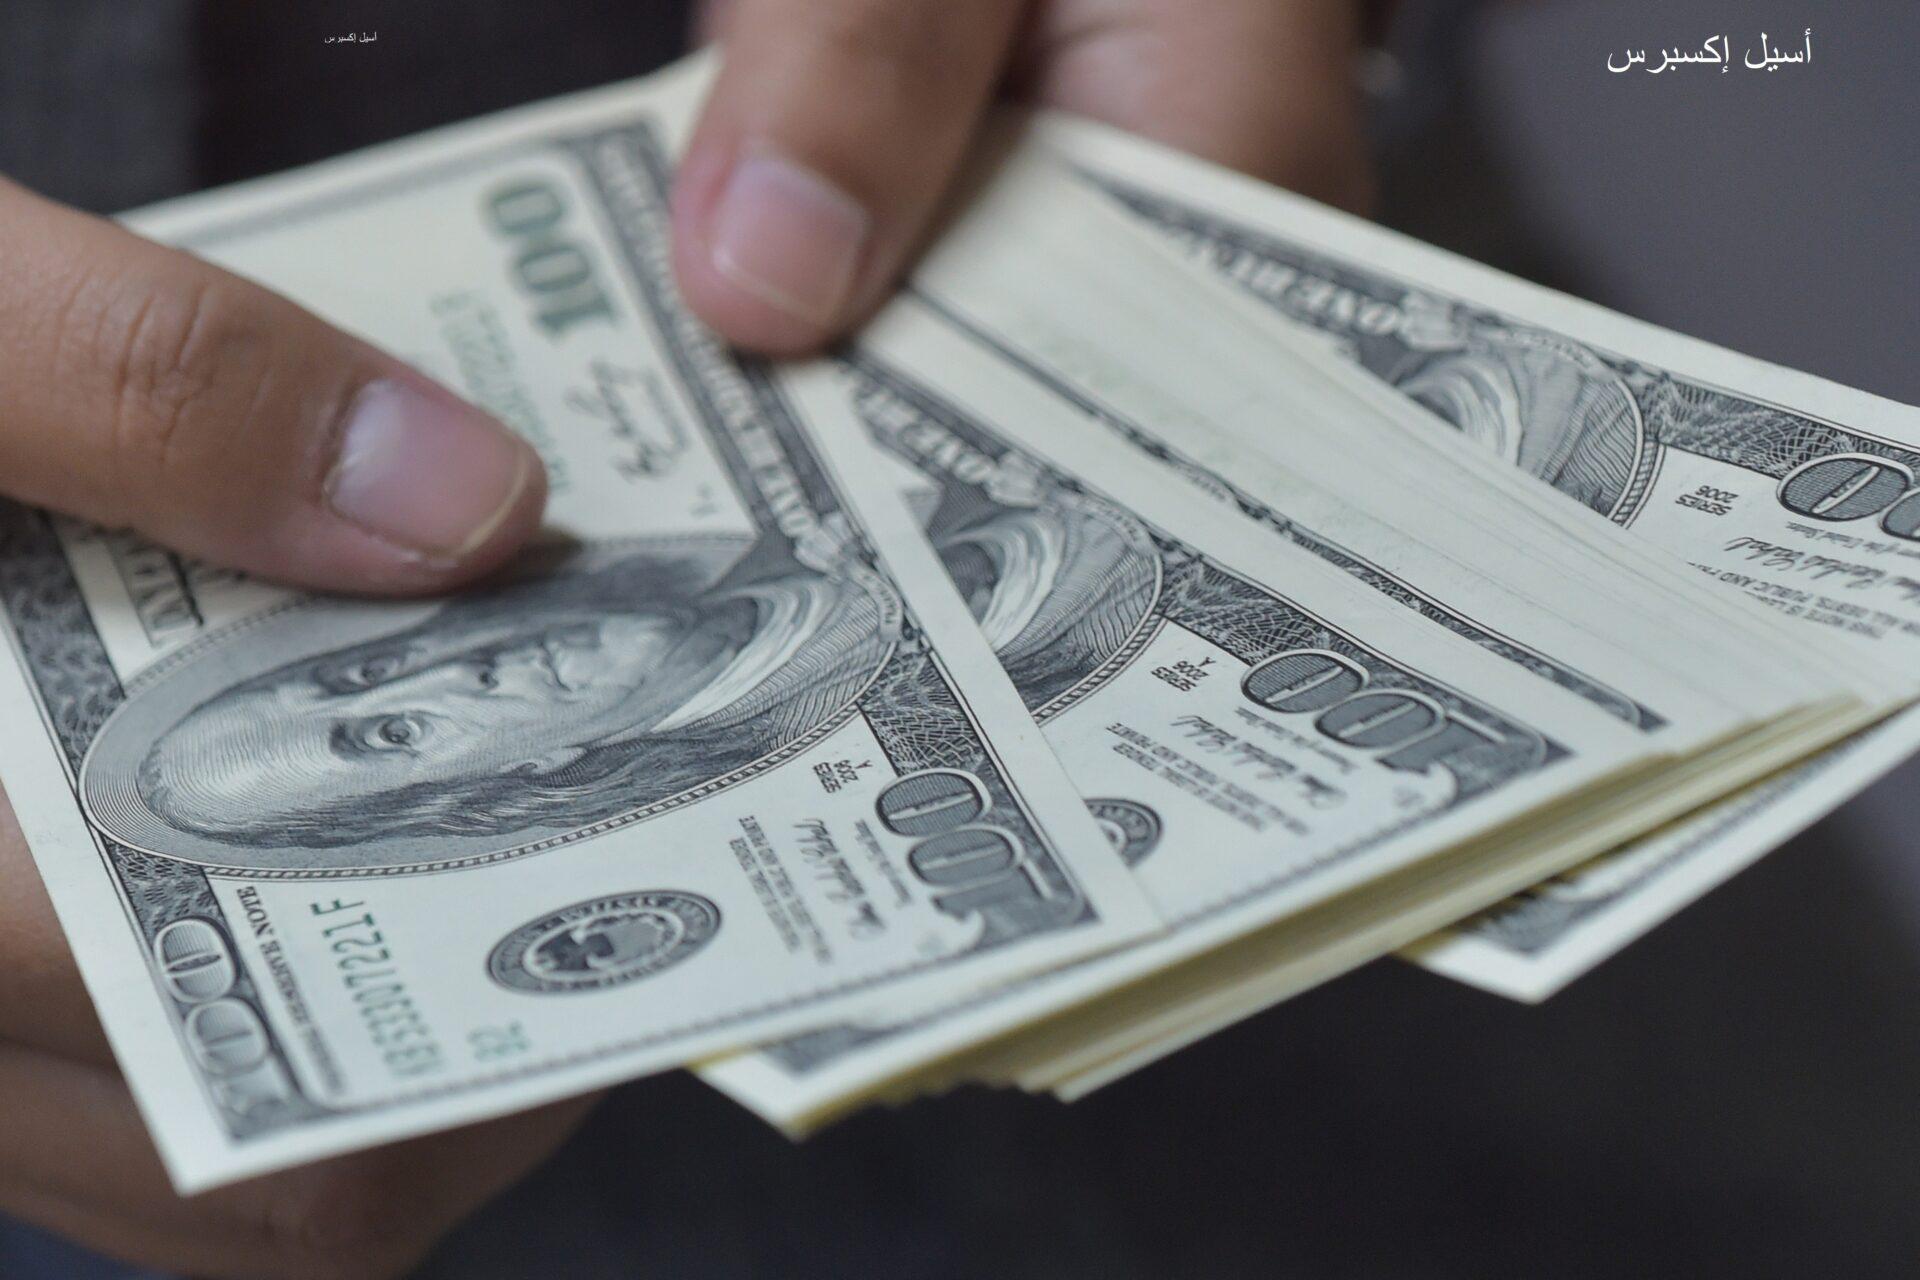 بيانات تضخم ضعيفة.. الدولار يشهد هبوط ملحوظ